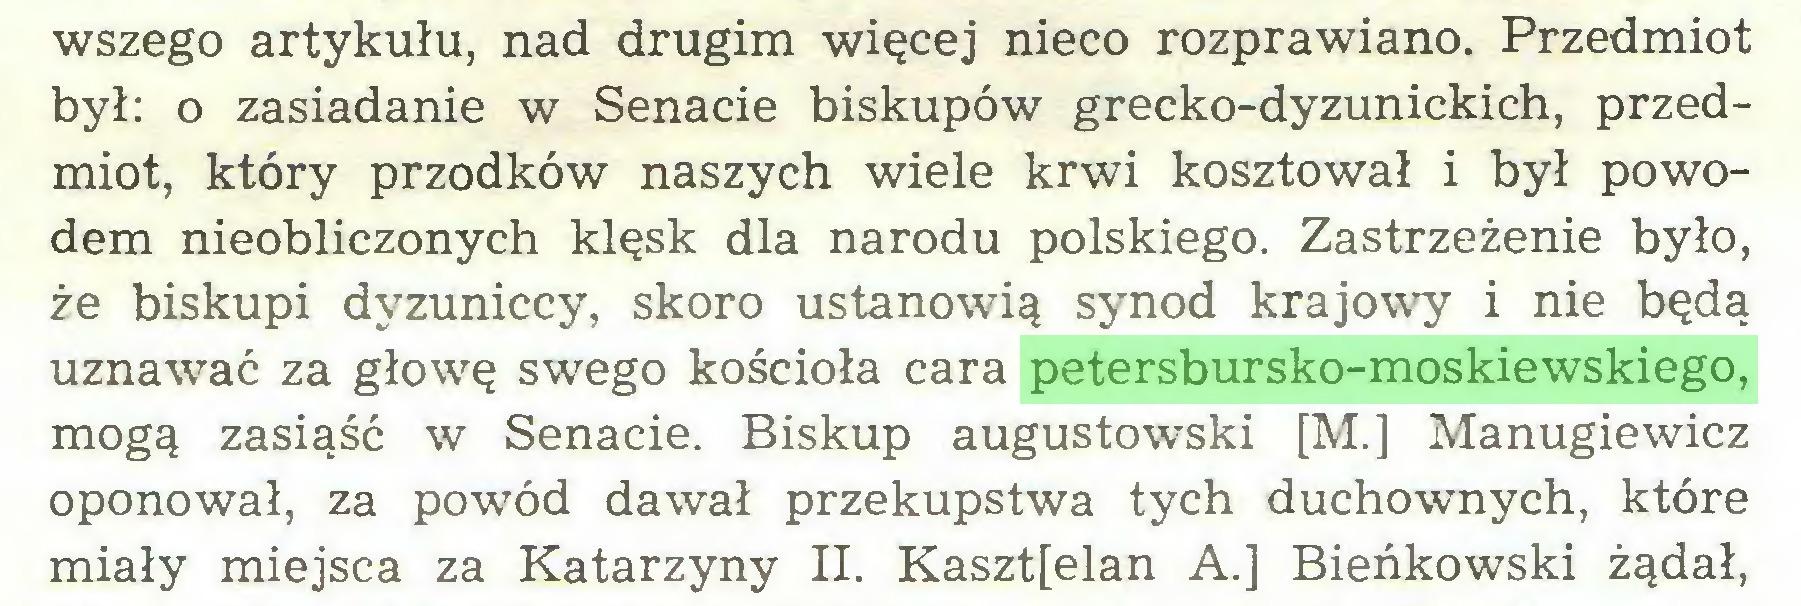 (...) wszego artykułu, nad drugim więcej nieco rozprawiano. Przedmiot był: o zasiadanie w Senacie biskupów grecko-dyzunickich, przedmiot, który przodków naszych wiele krwi kosztował i był powodem nieobliczonych klęsk dla narodu polskiego. Zastrzeżenie było, że biskupi dyzuniccy, skoro ustanowią synod krajowy i nie będą uznawać za głowę swego kościoła cara petersbursko-moskiewskiego, mogą zasiąść w Senacie. Biskup augustowski [M.] Manugiewicz oponował, za powód dawał przekupstwa tych duchownych, które miały miejsca za Katarzyny II. Kaszt[elan A.] Bieńkowski żądał,...